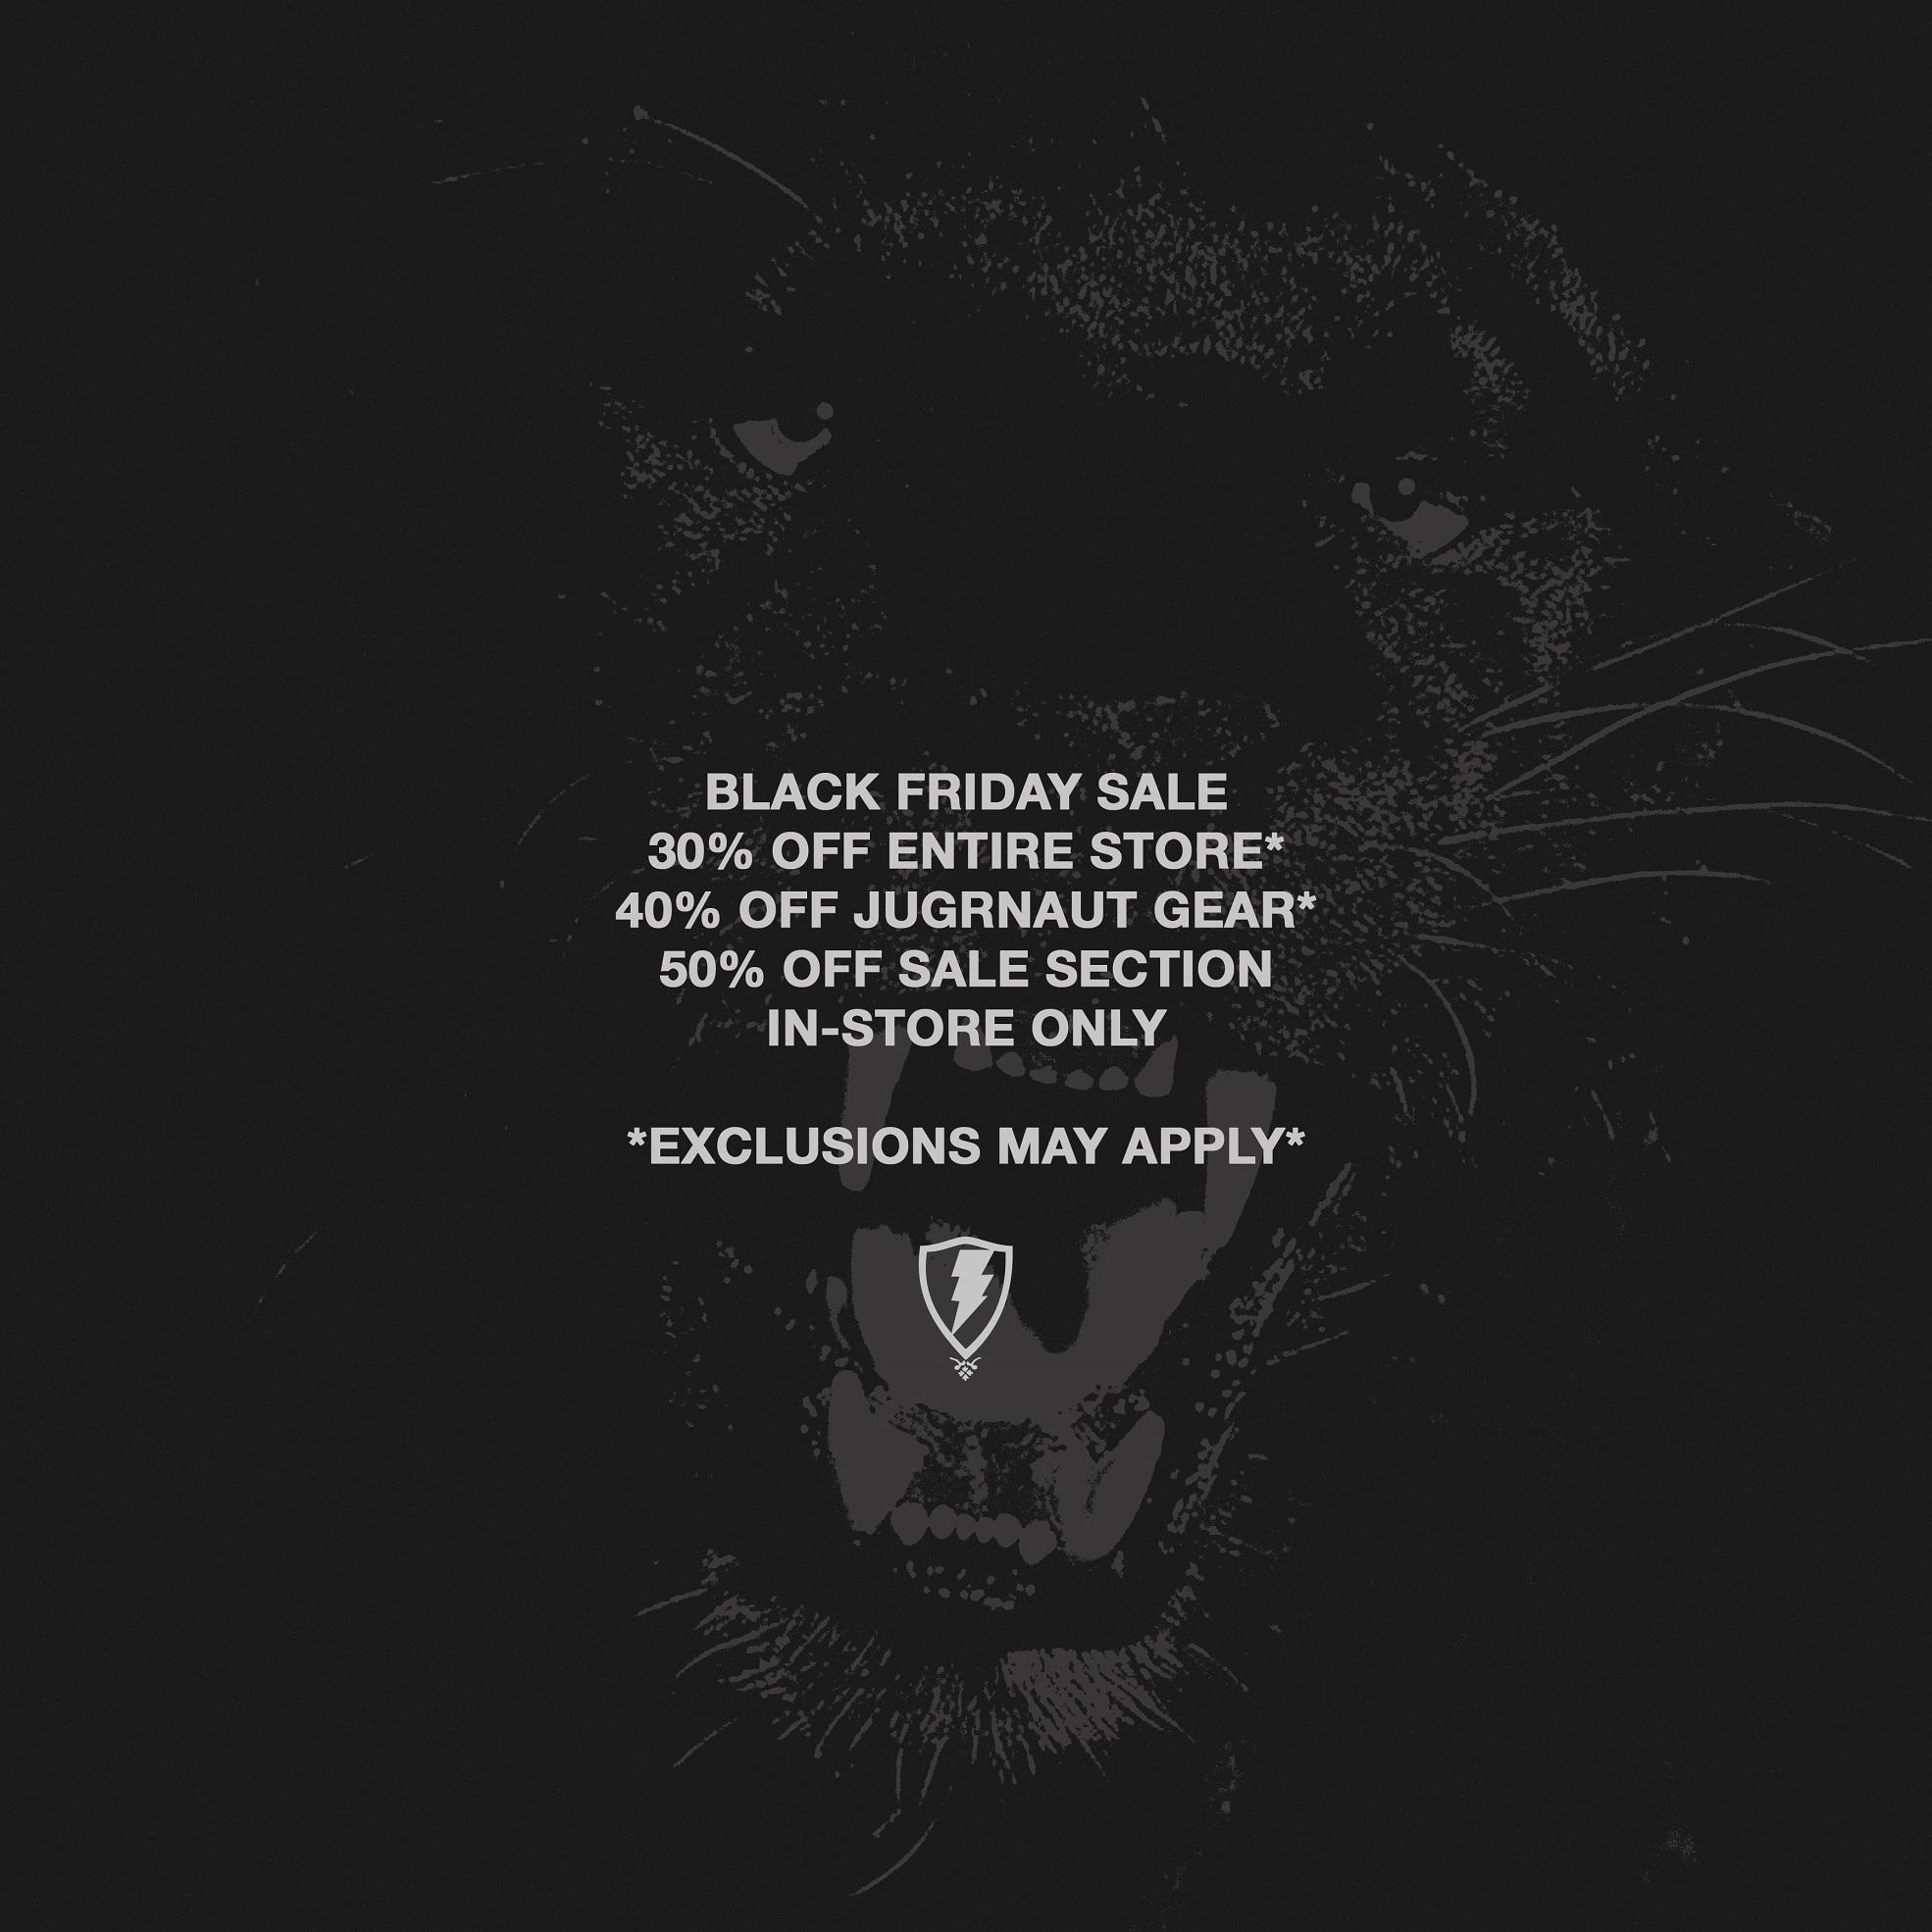 BLACKFRIDAY2016